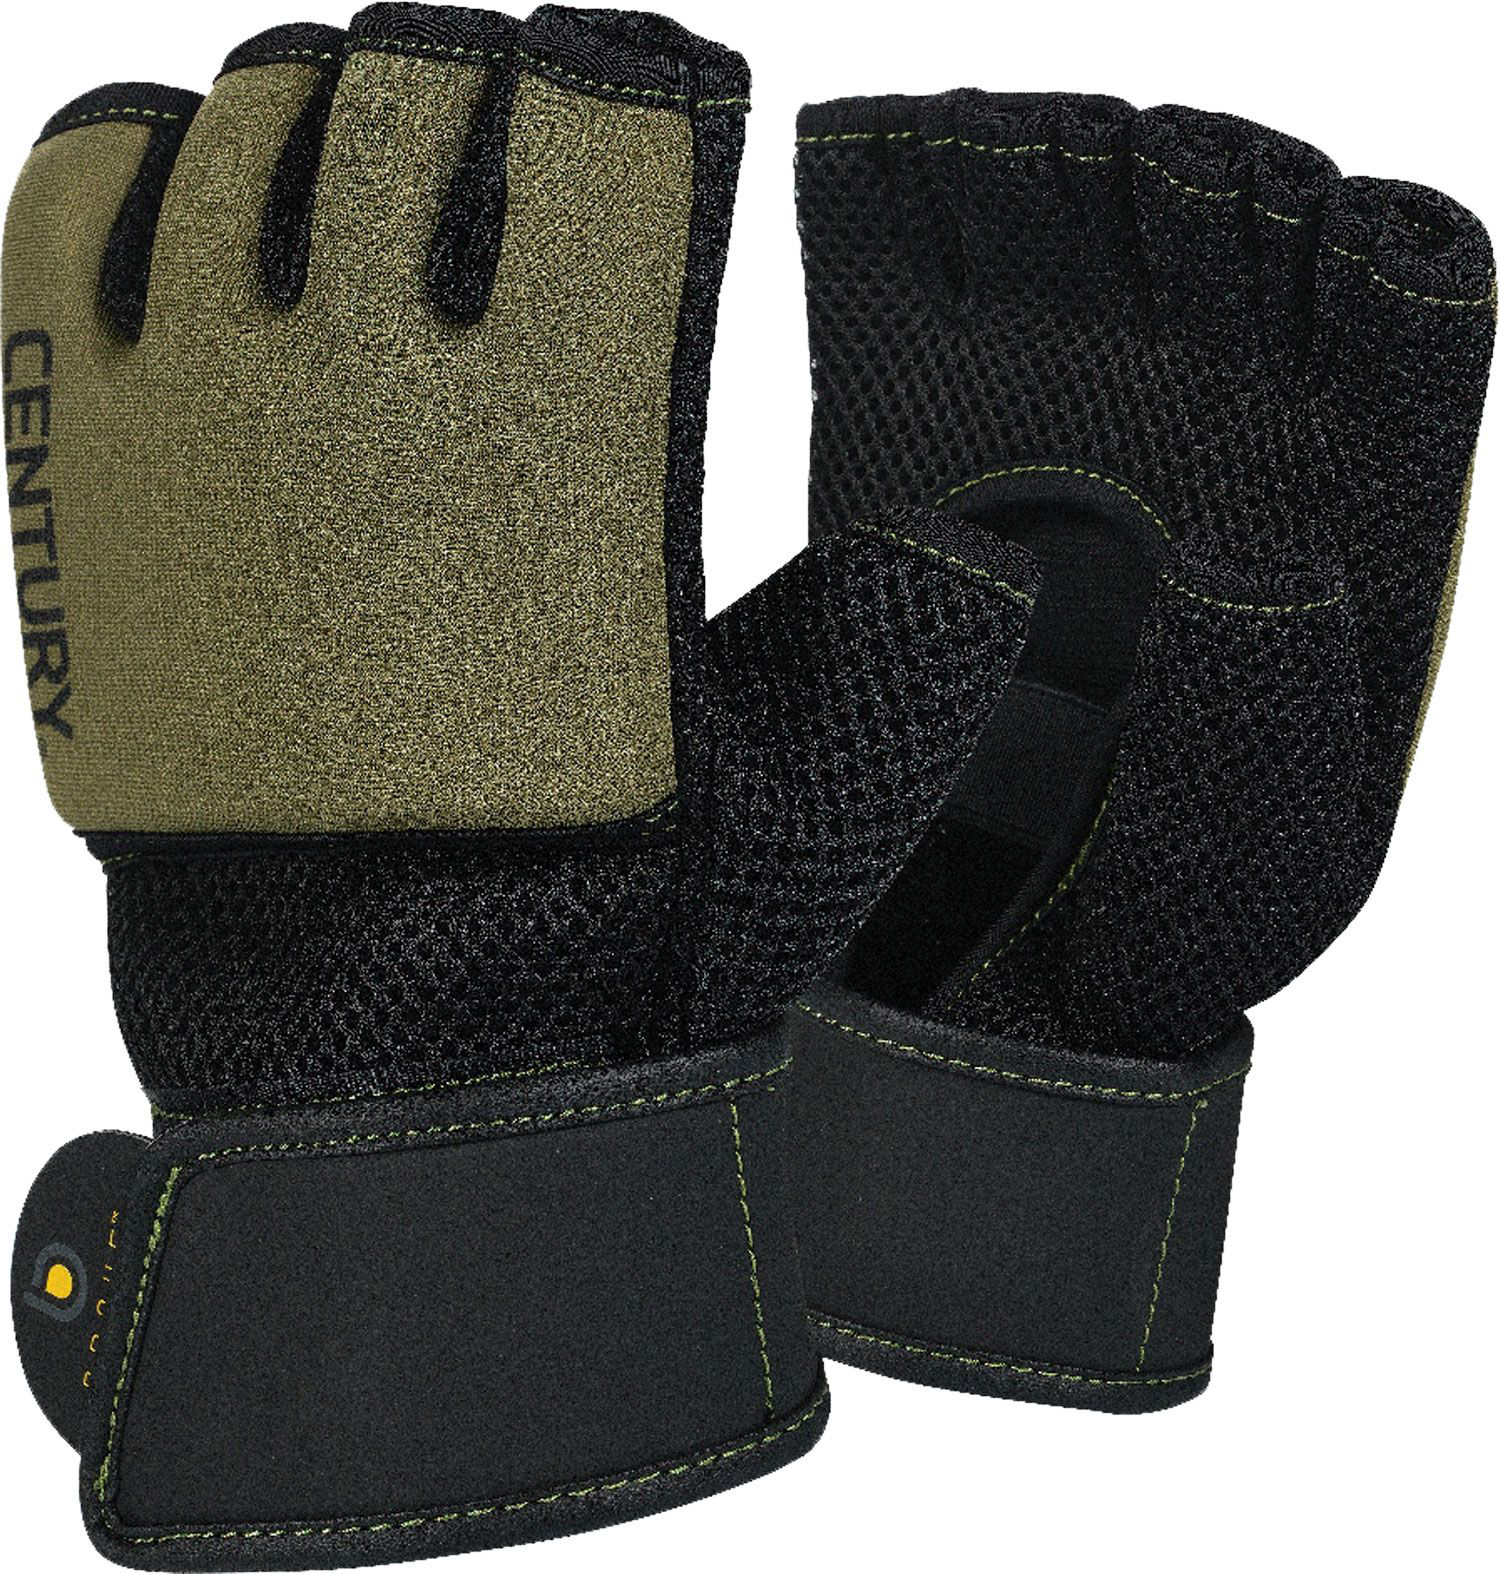 Brave Gel Training Gloves, Black/Olive, swatch